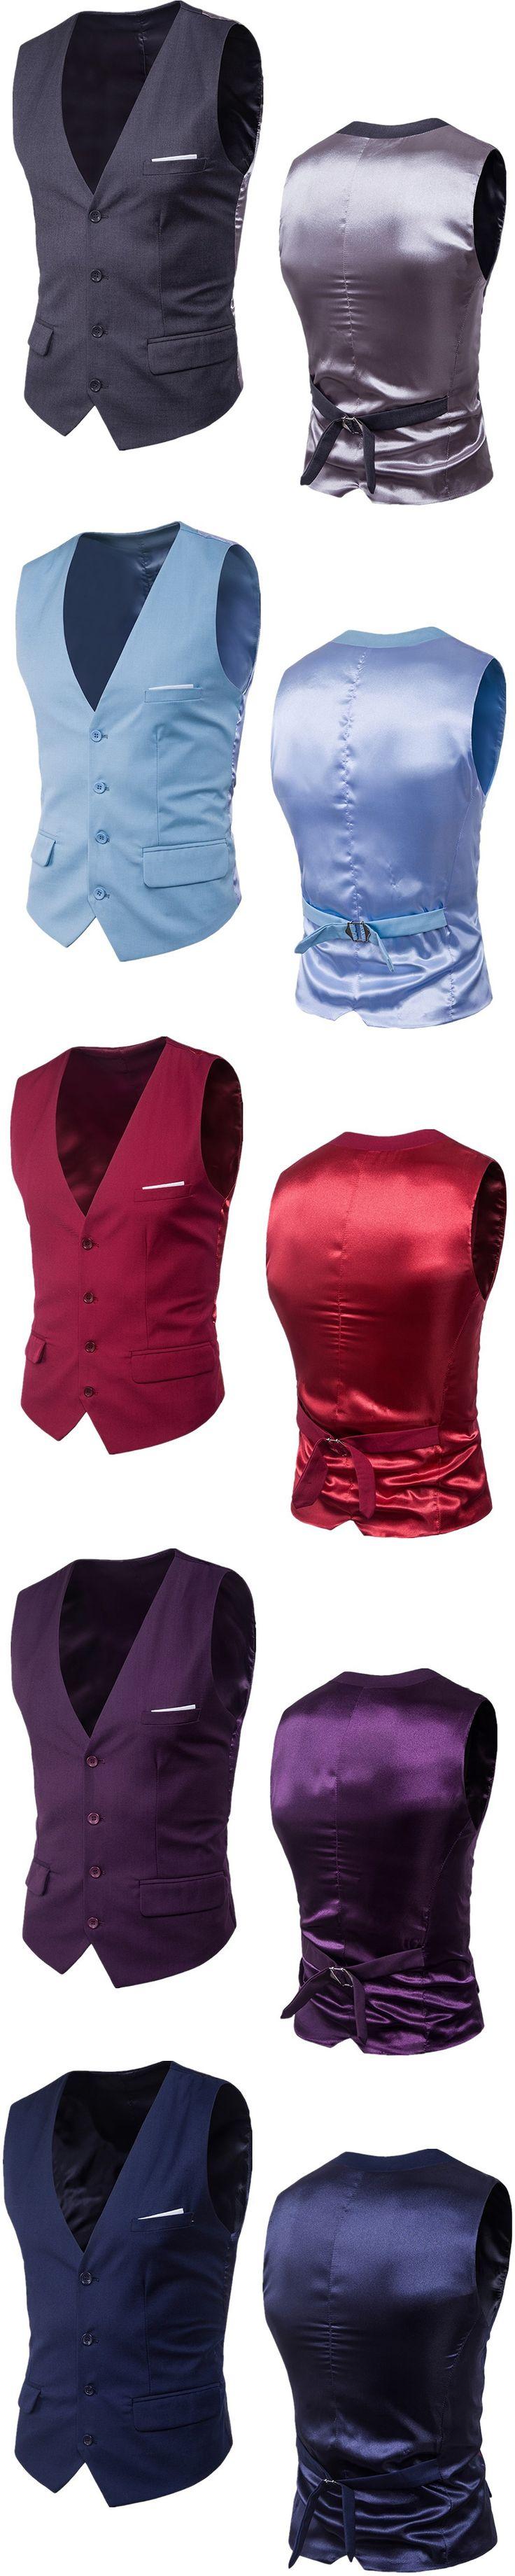 YFFUSHI 2017 Men Vest 9 Colors Business Casual Grooms Wedding Best Men's Blazer Vest Fashion Design Plus Size 6XL